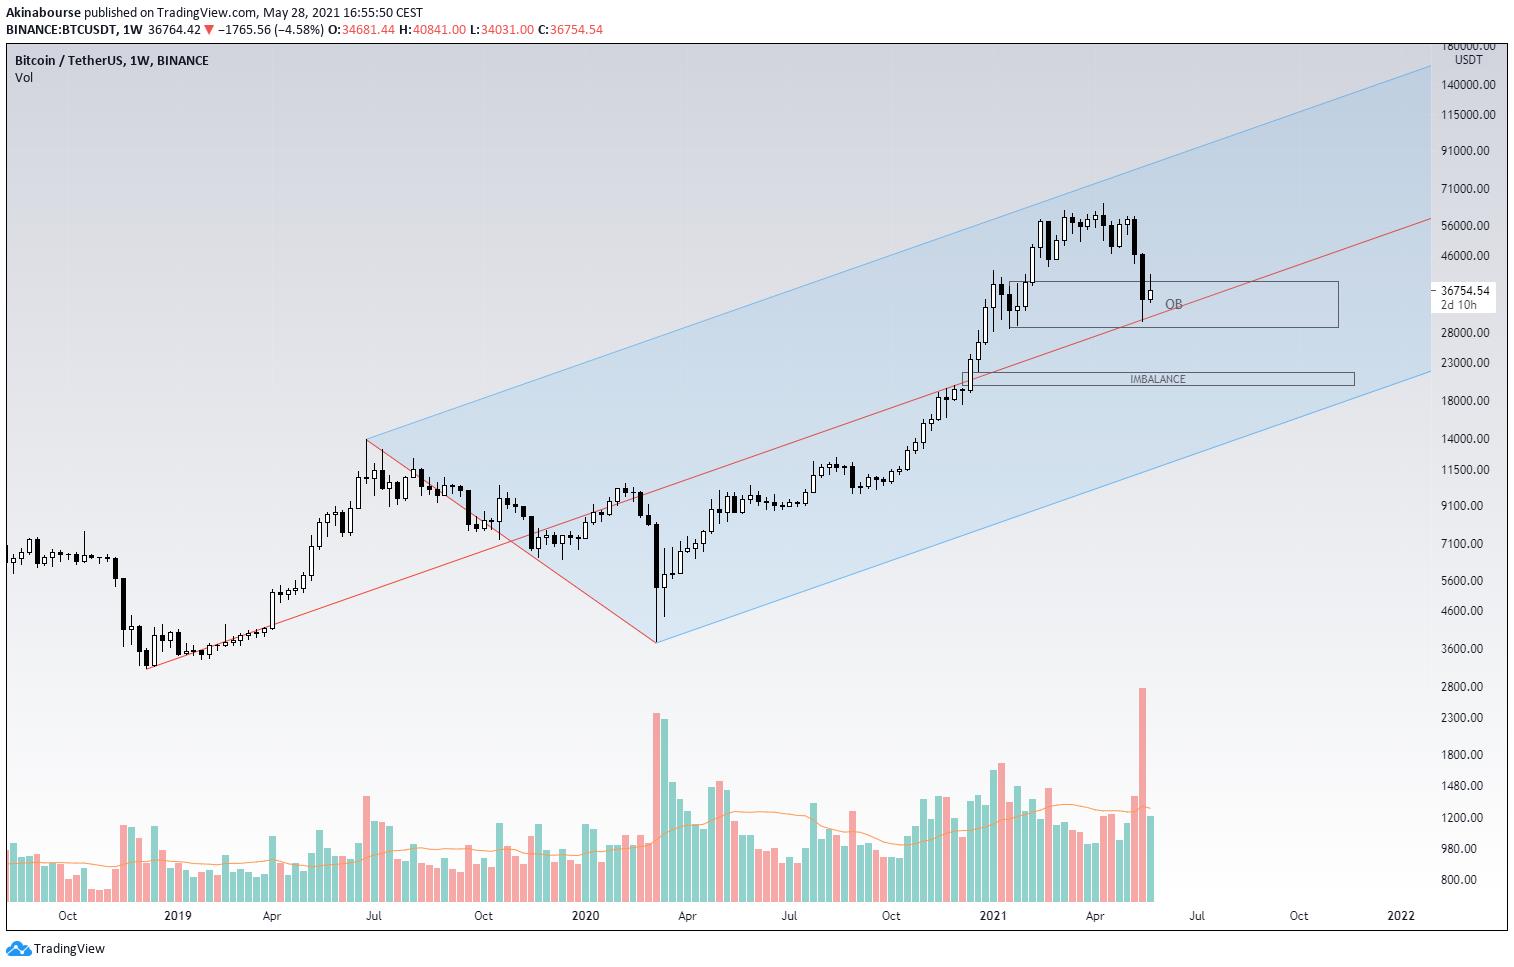 BTC/USD 1W